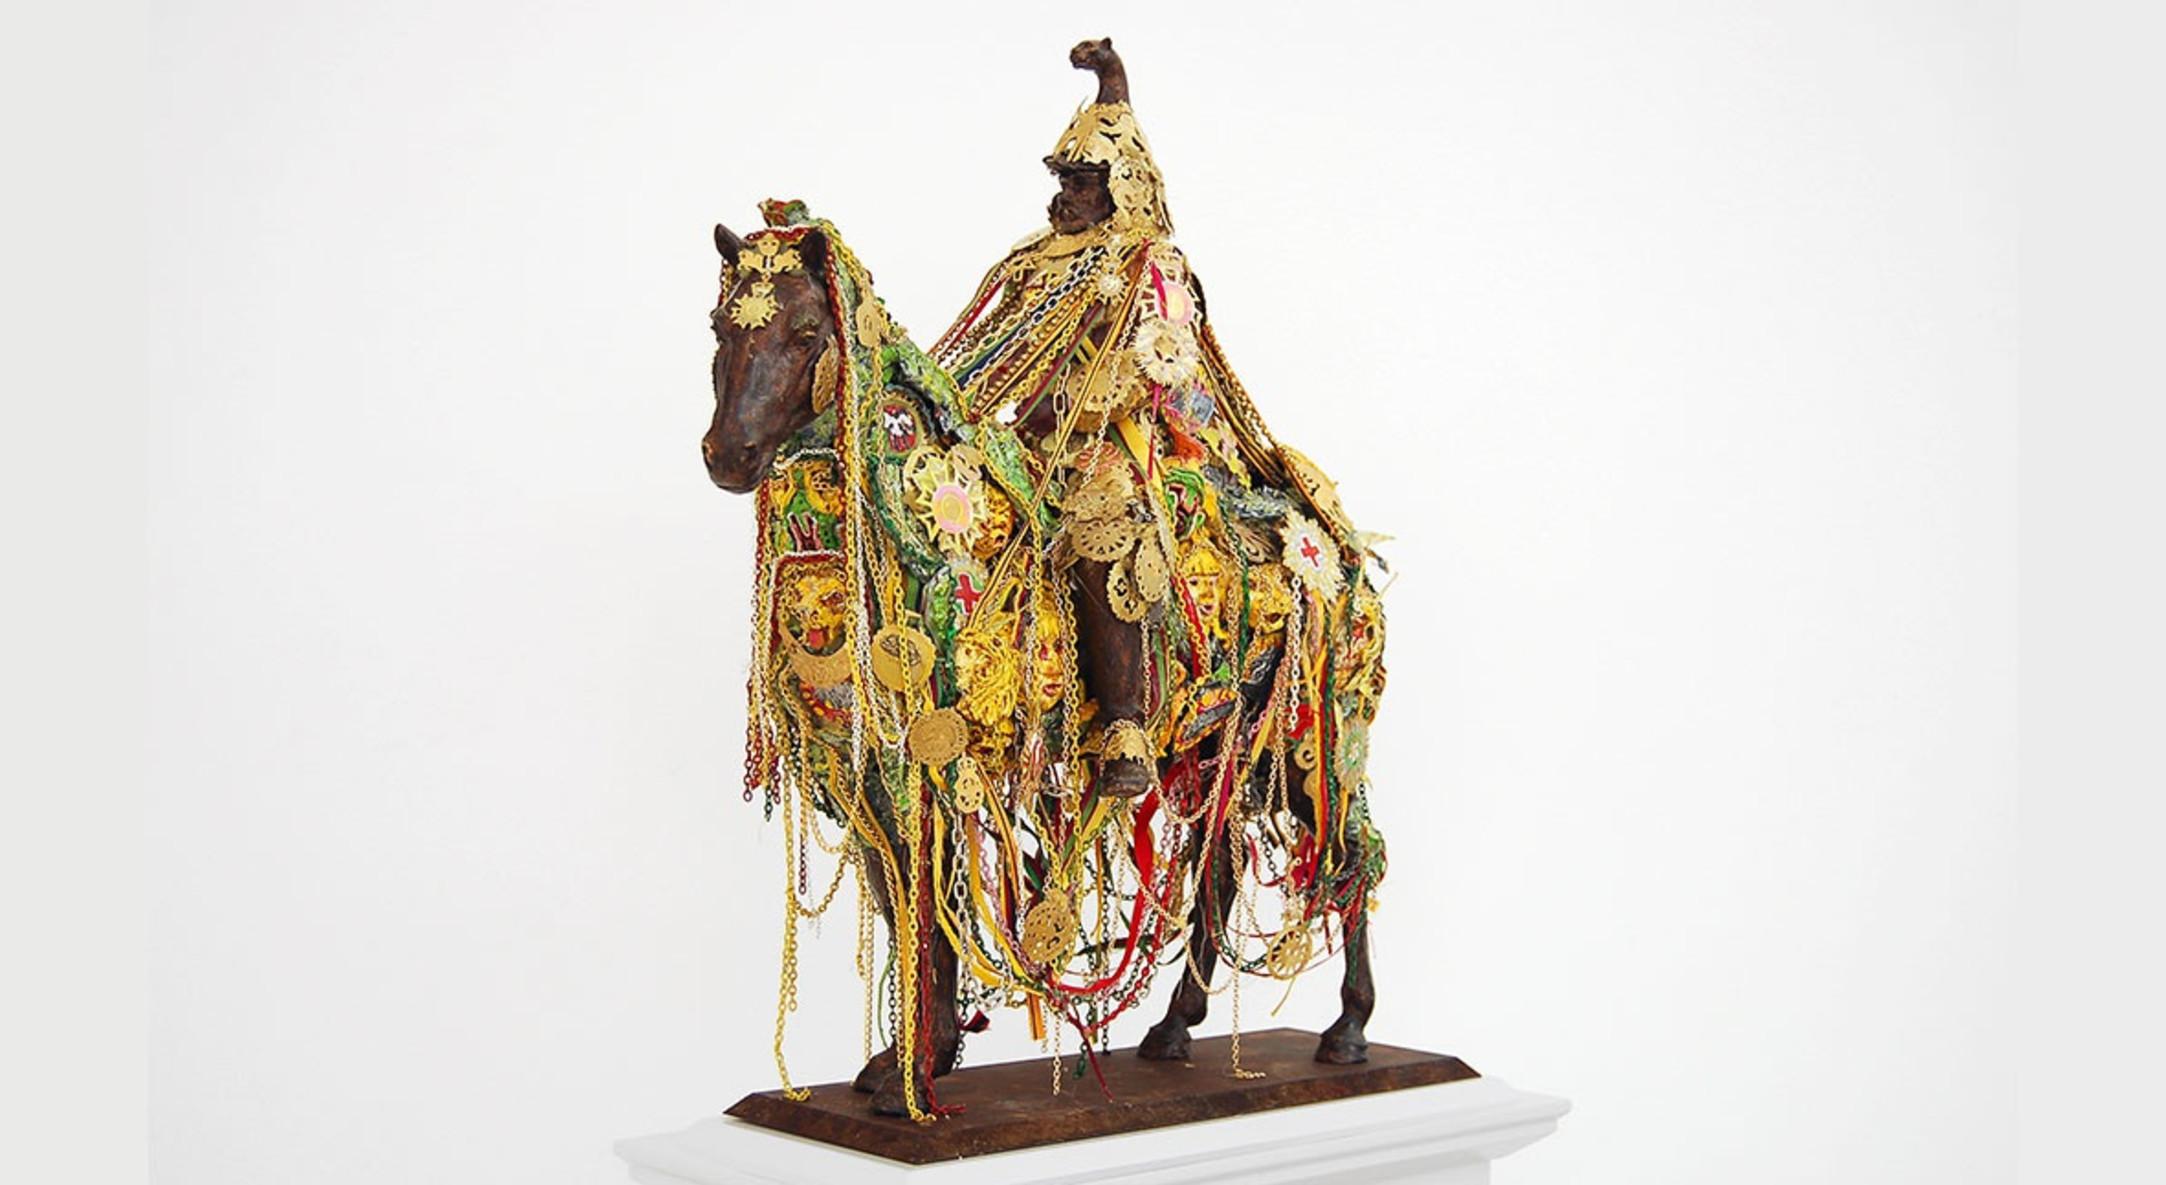 Hew Locke, Sikandar, 2010, Mixed media, 30 x 60 x 40 cm, 11 3/4 x 23 5/8 x 15 3/4 in